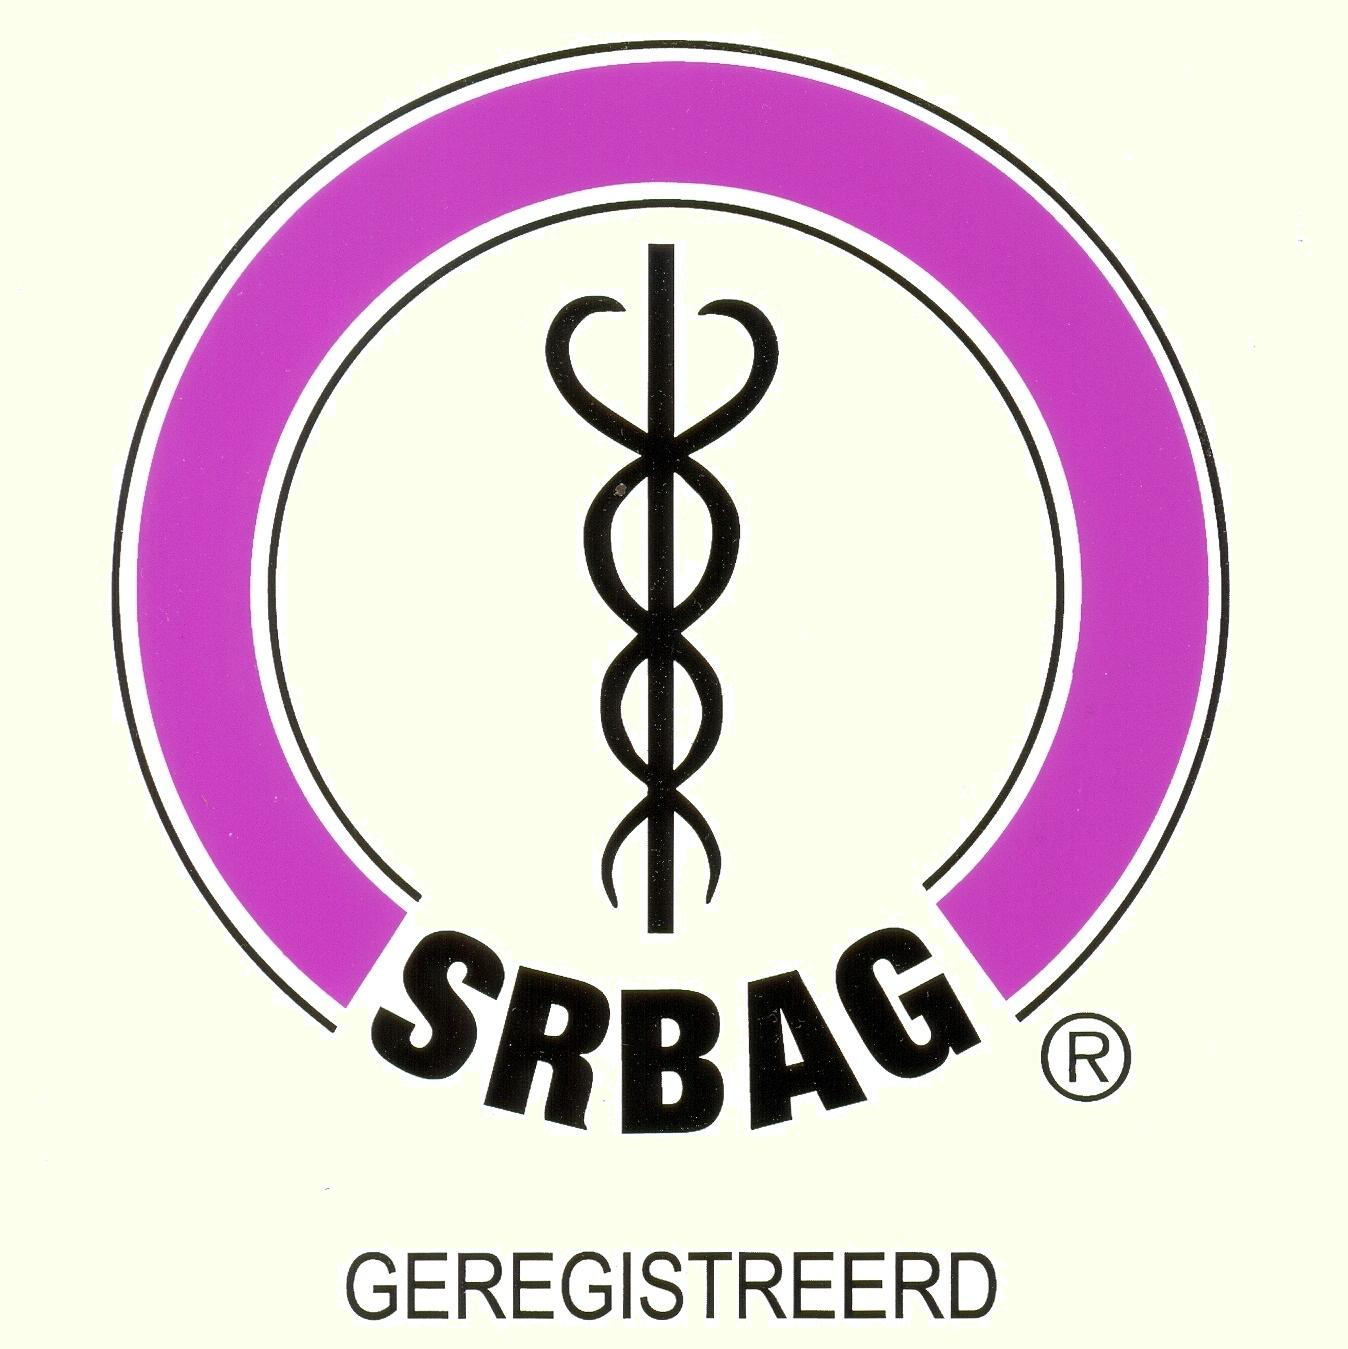 Gepubliceerd 13 januari 2013 at 1348 × 1349 in Tarieven en ...: nr1praktijk.nl/nr1/nr1/tarieven-en-vergoedingen/attachment/srbag-groot